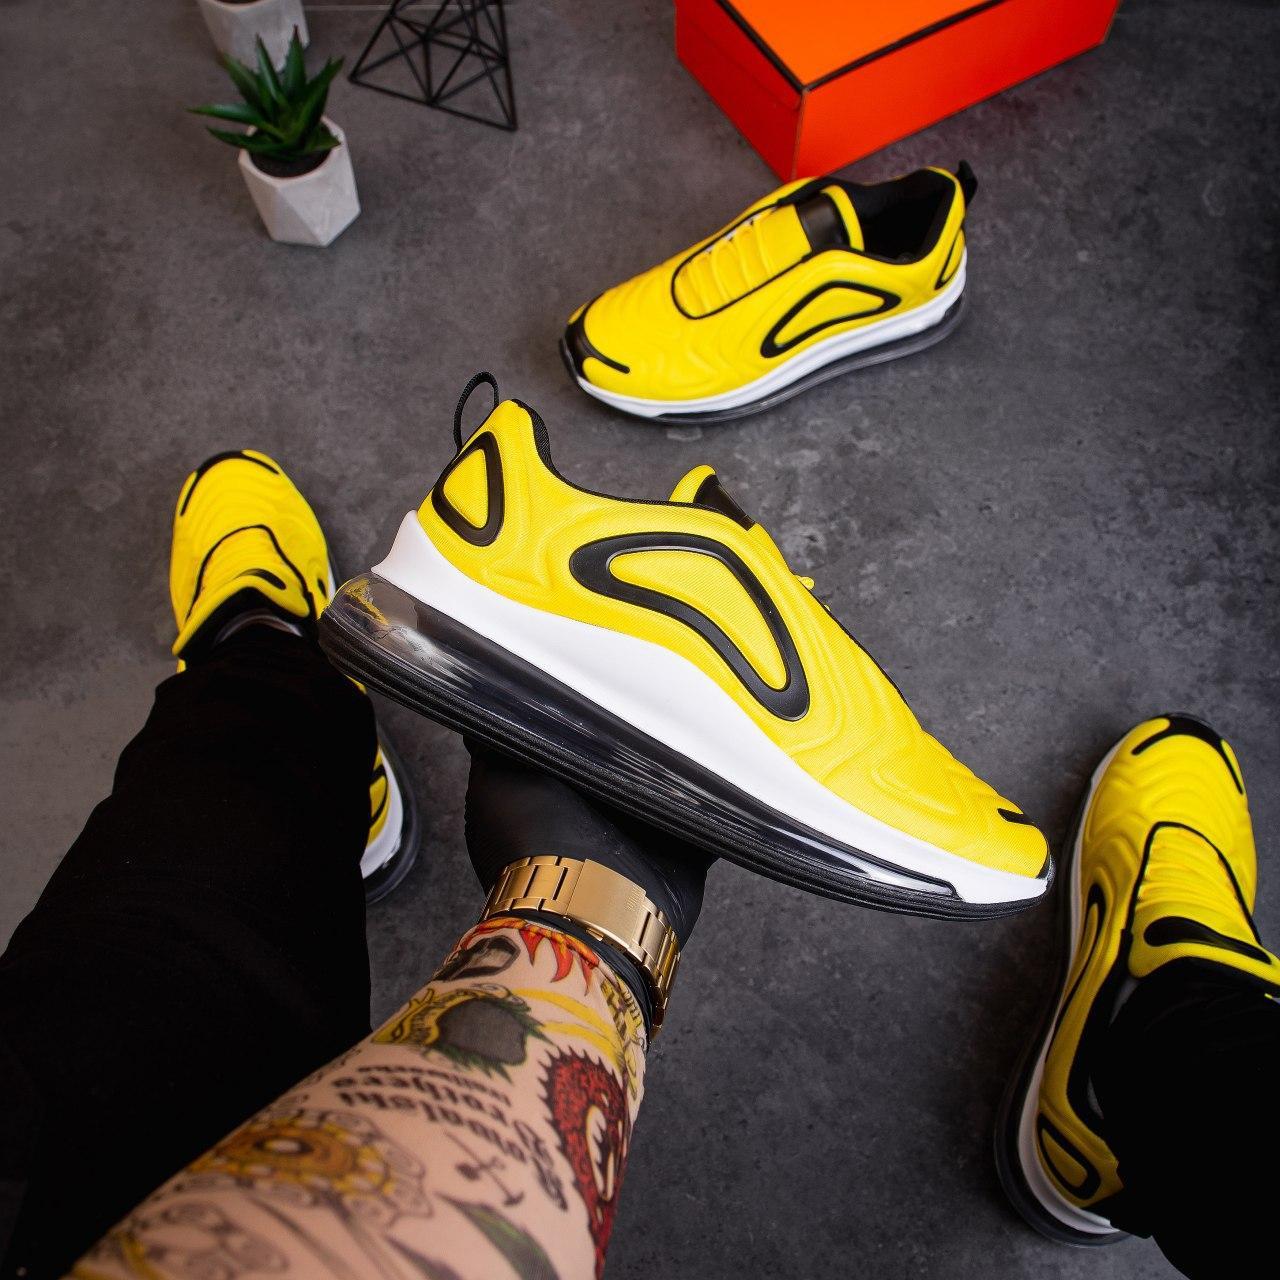 Мужские кроссовки Ривал Арт 720 Pobedov (желтые)